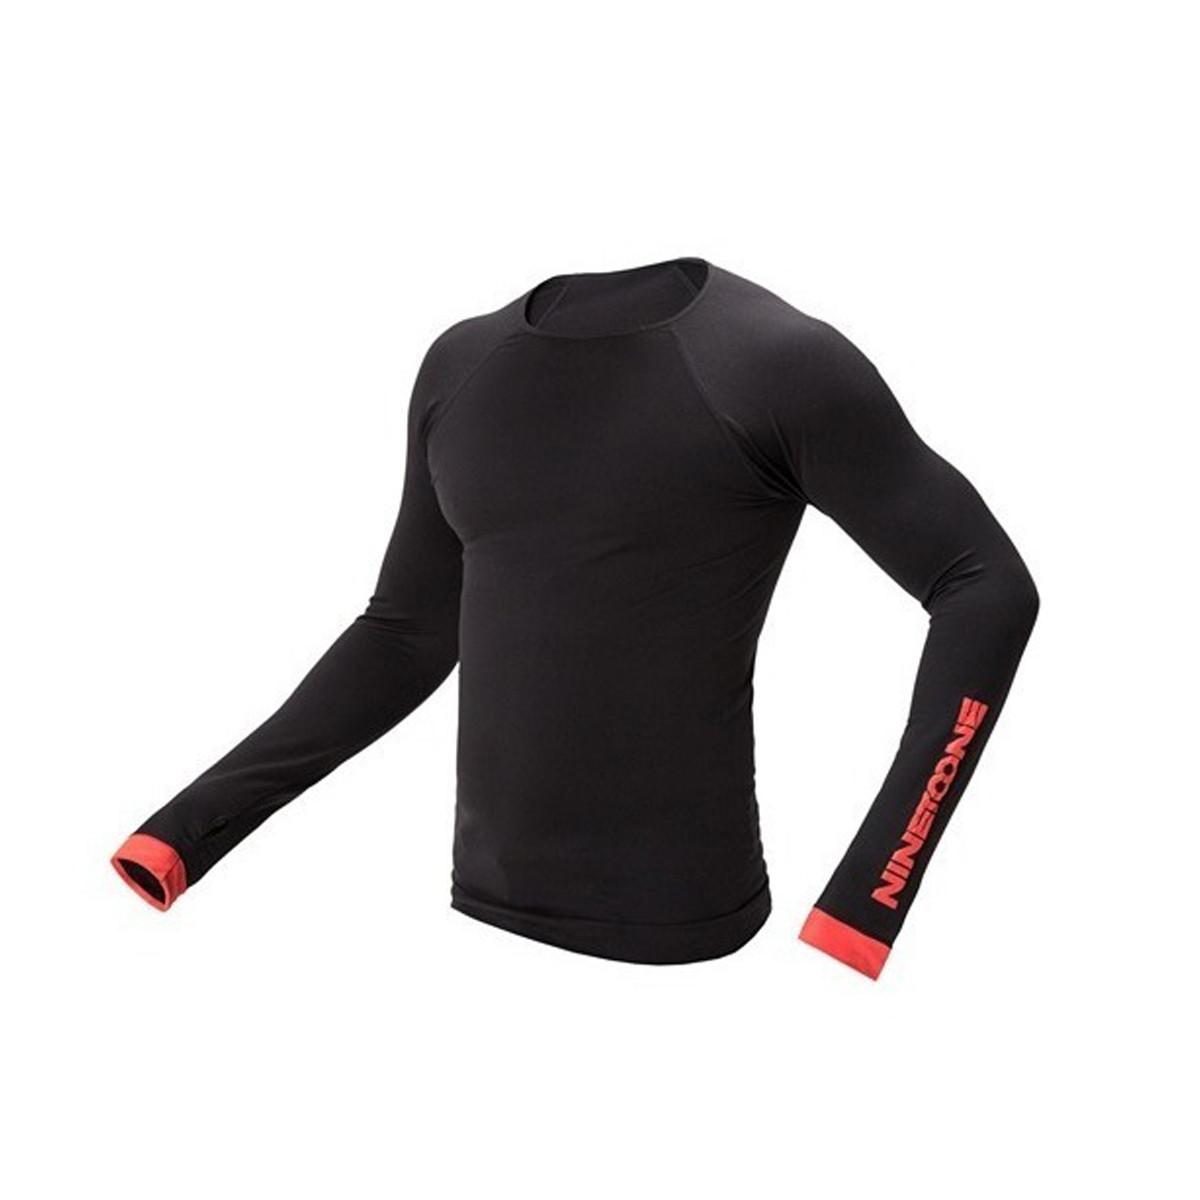 Camiseta Térmica Primera Piel Ninetoone Rival Abrigo